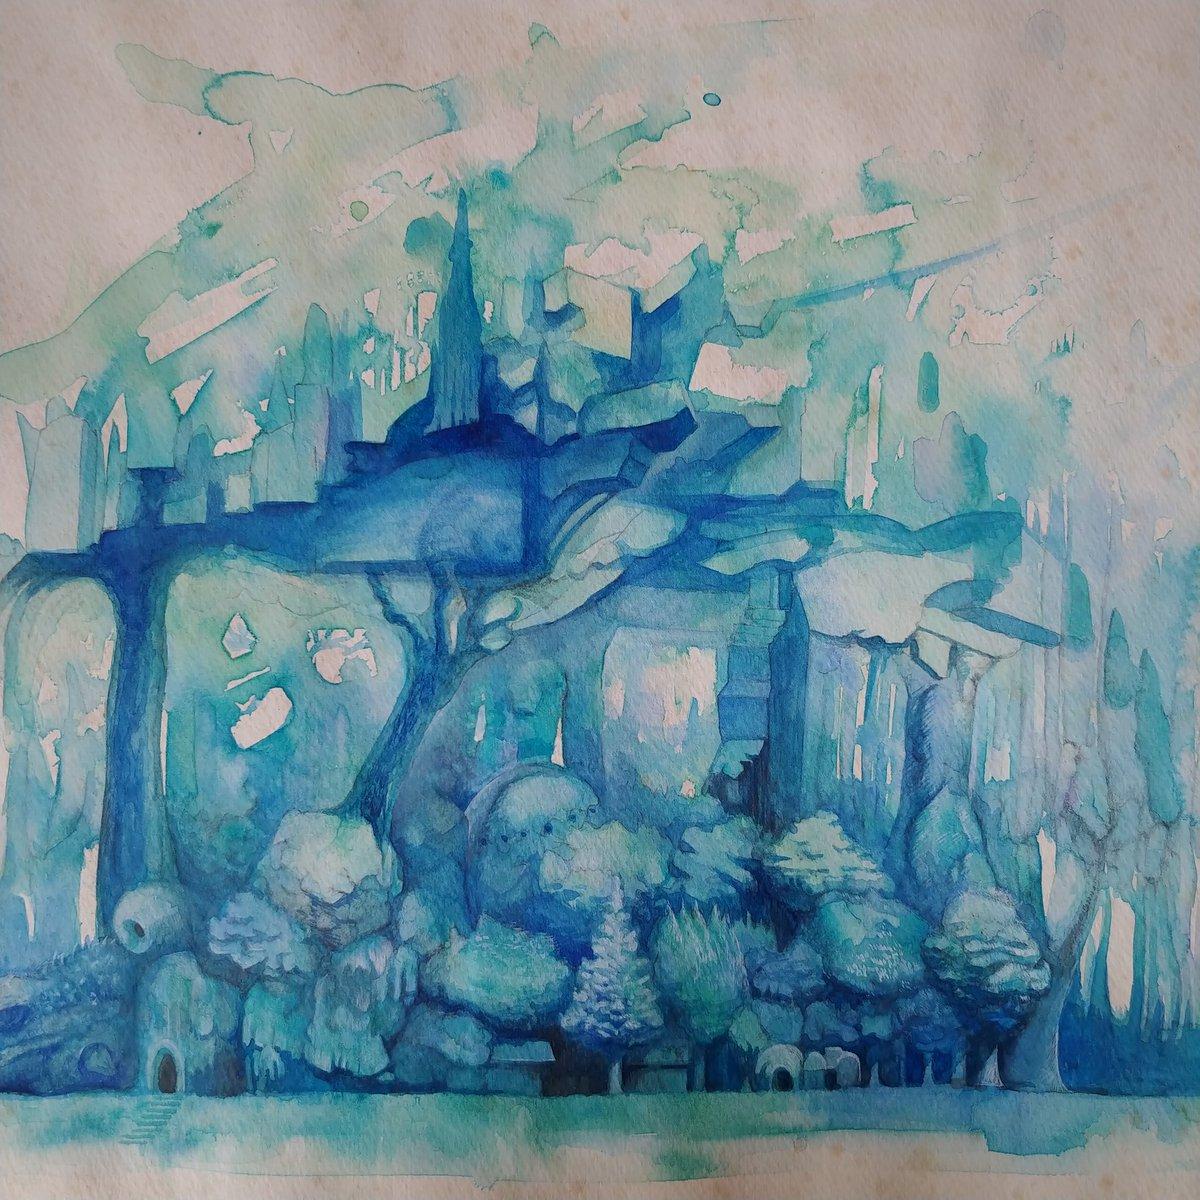 「思考の森 Forest of thought」水彩 #watercolor  #青 #水彩 #森 #forest #絵画  #城 #castle  #ドローイング #廃墟 #blue  #haikyo #光  #forgottenplaces  #painter #green #緑 #碧 #木 #tree #階段 #stairway  #花 #flowers #Cobaltblue #cobalt